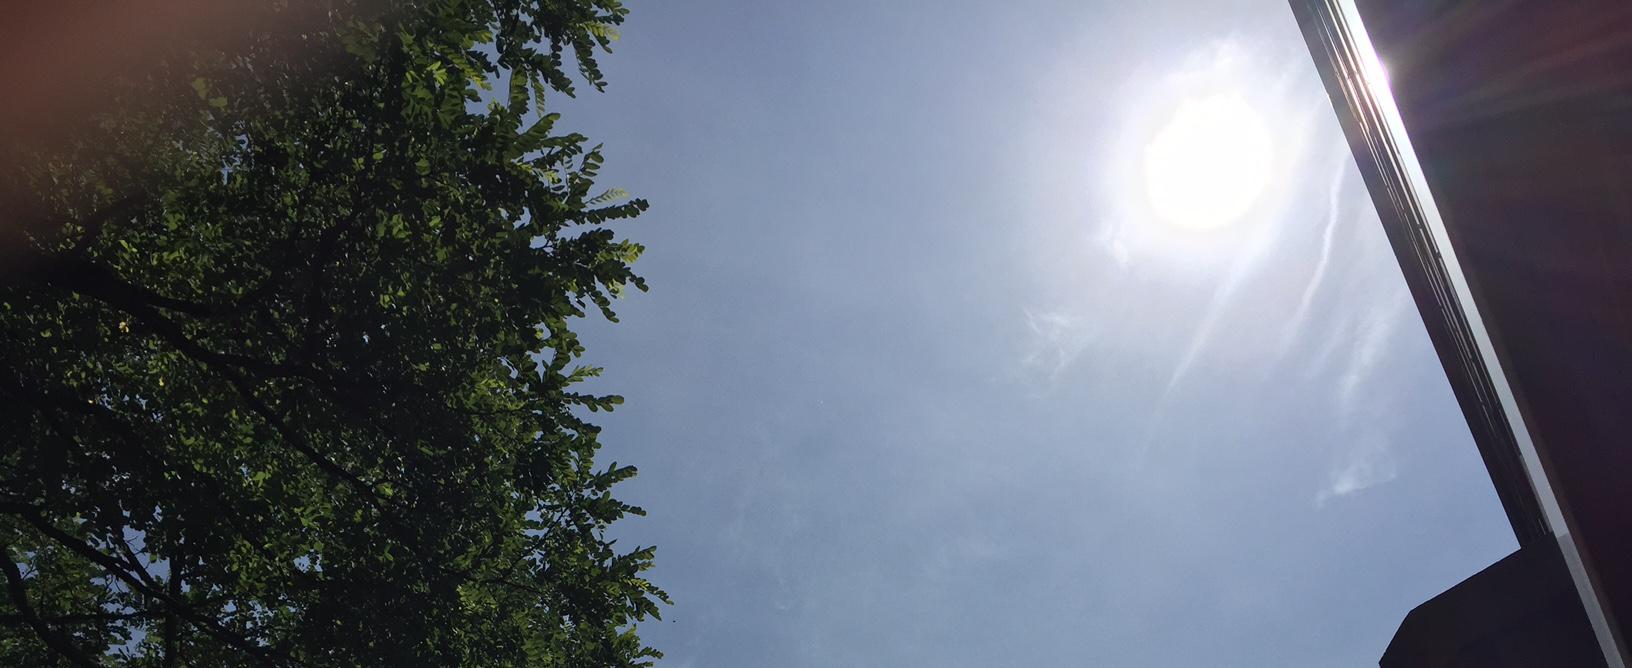 Wolkenfreier Himmel im Sommer